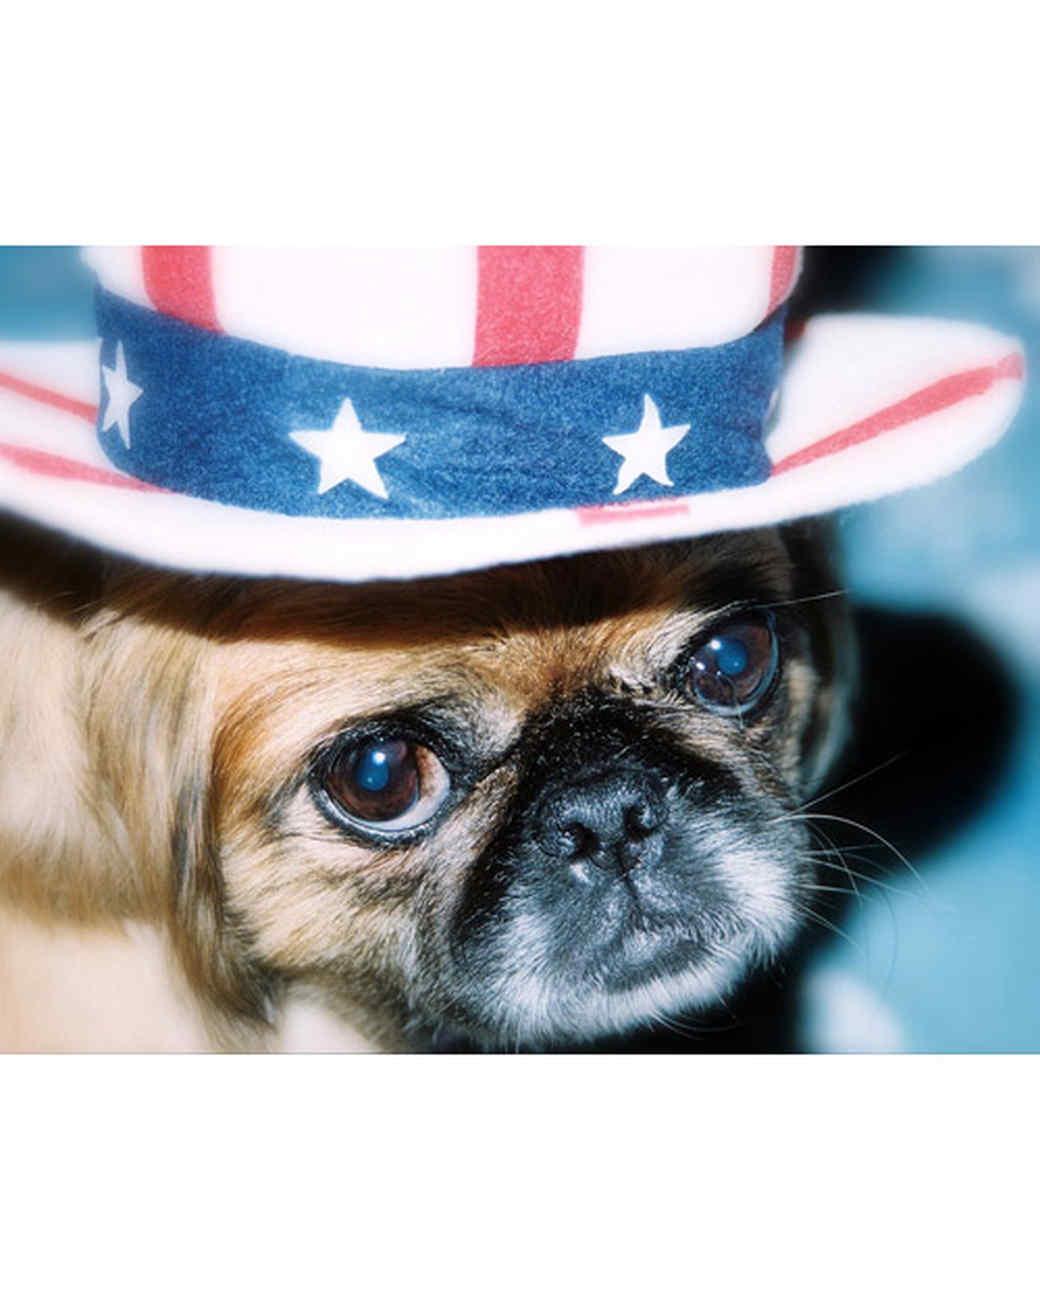 p_patriotic_10_9164290_13302191.jpg